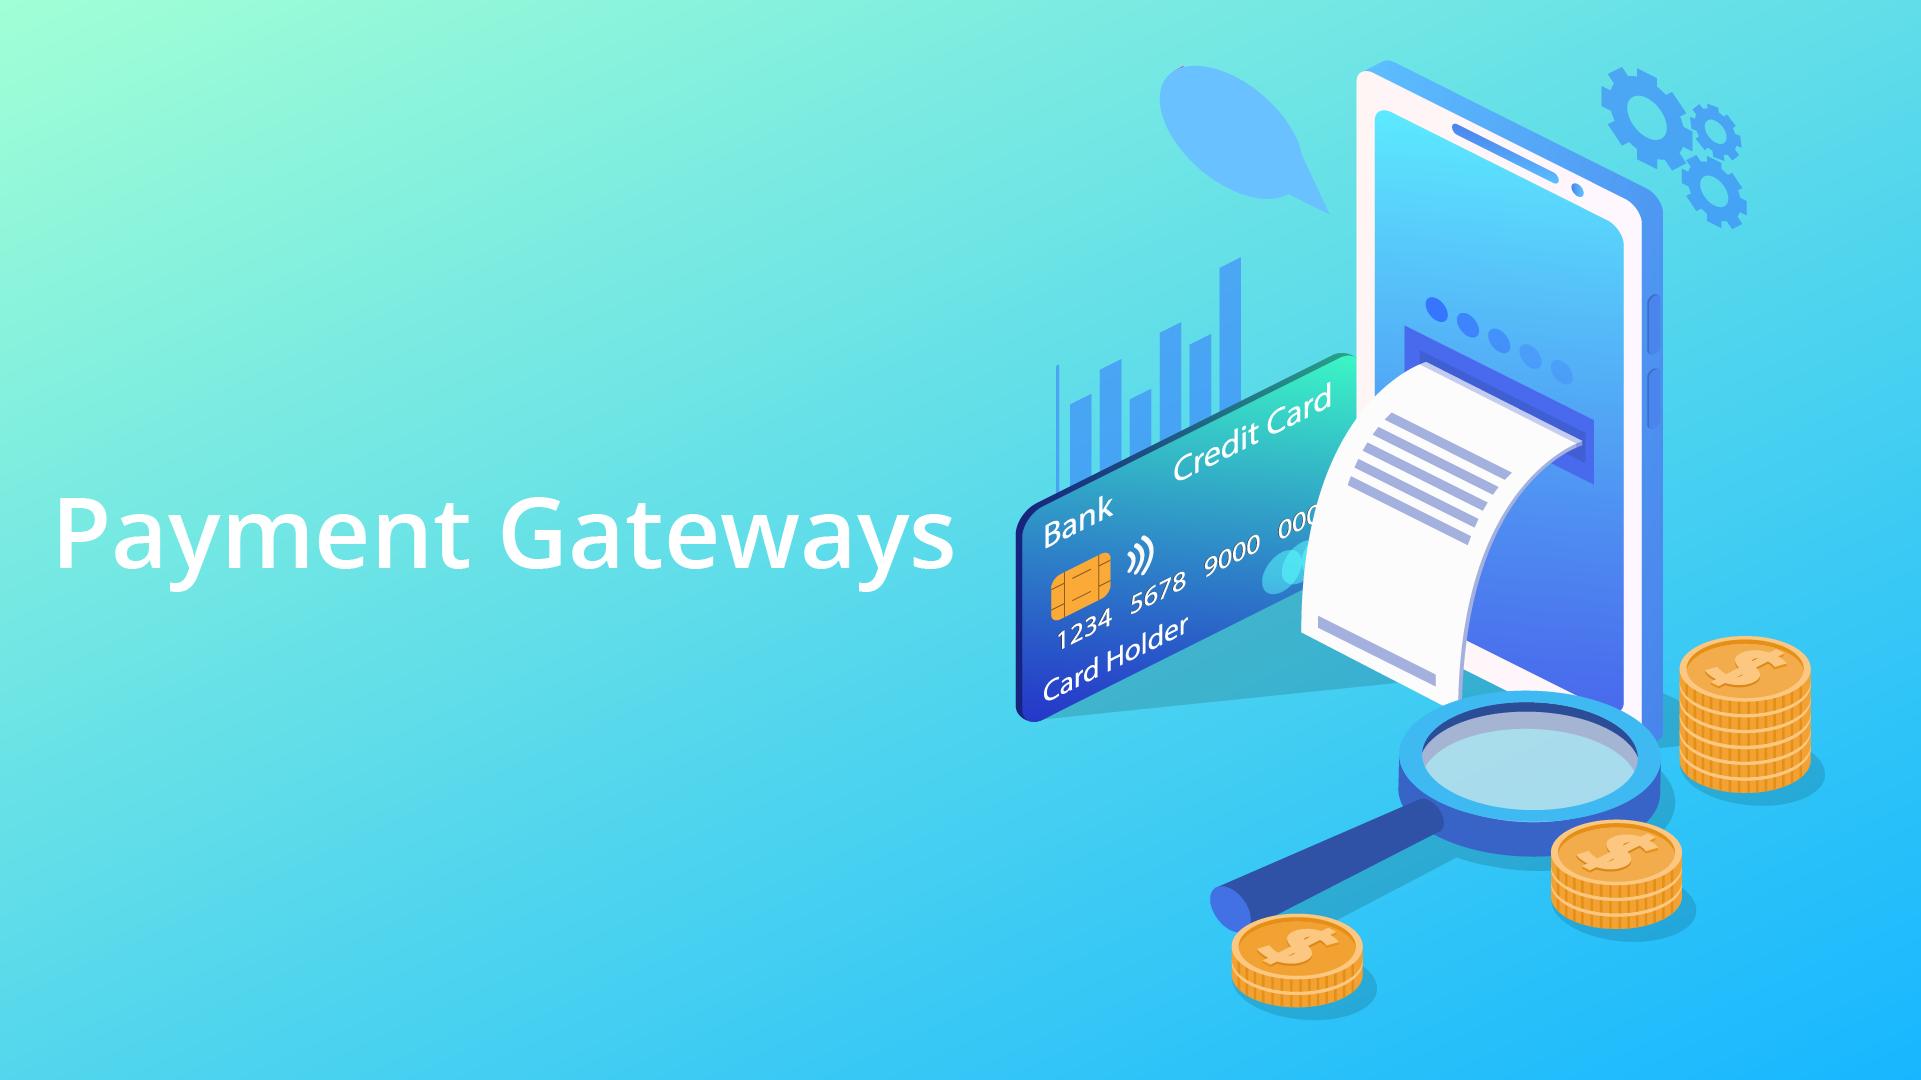 Payment Gateway Pengertian, Keuntungan dan Mekanismenya